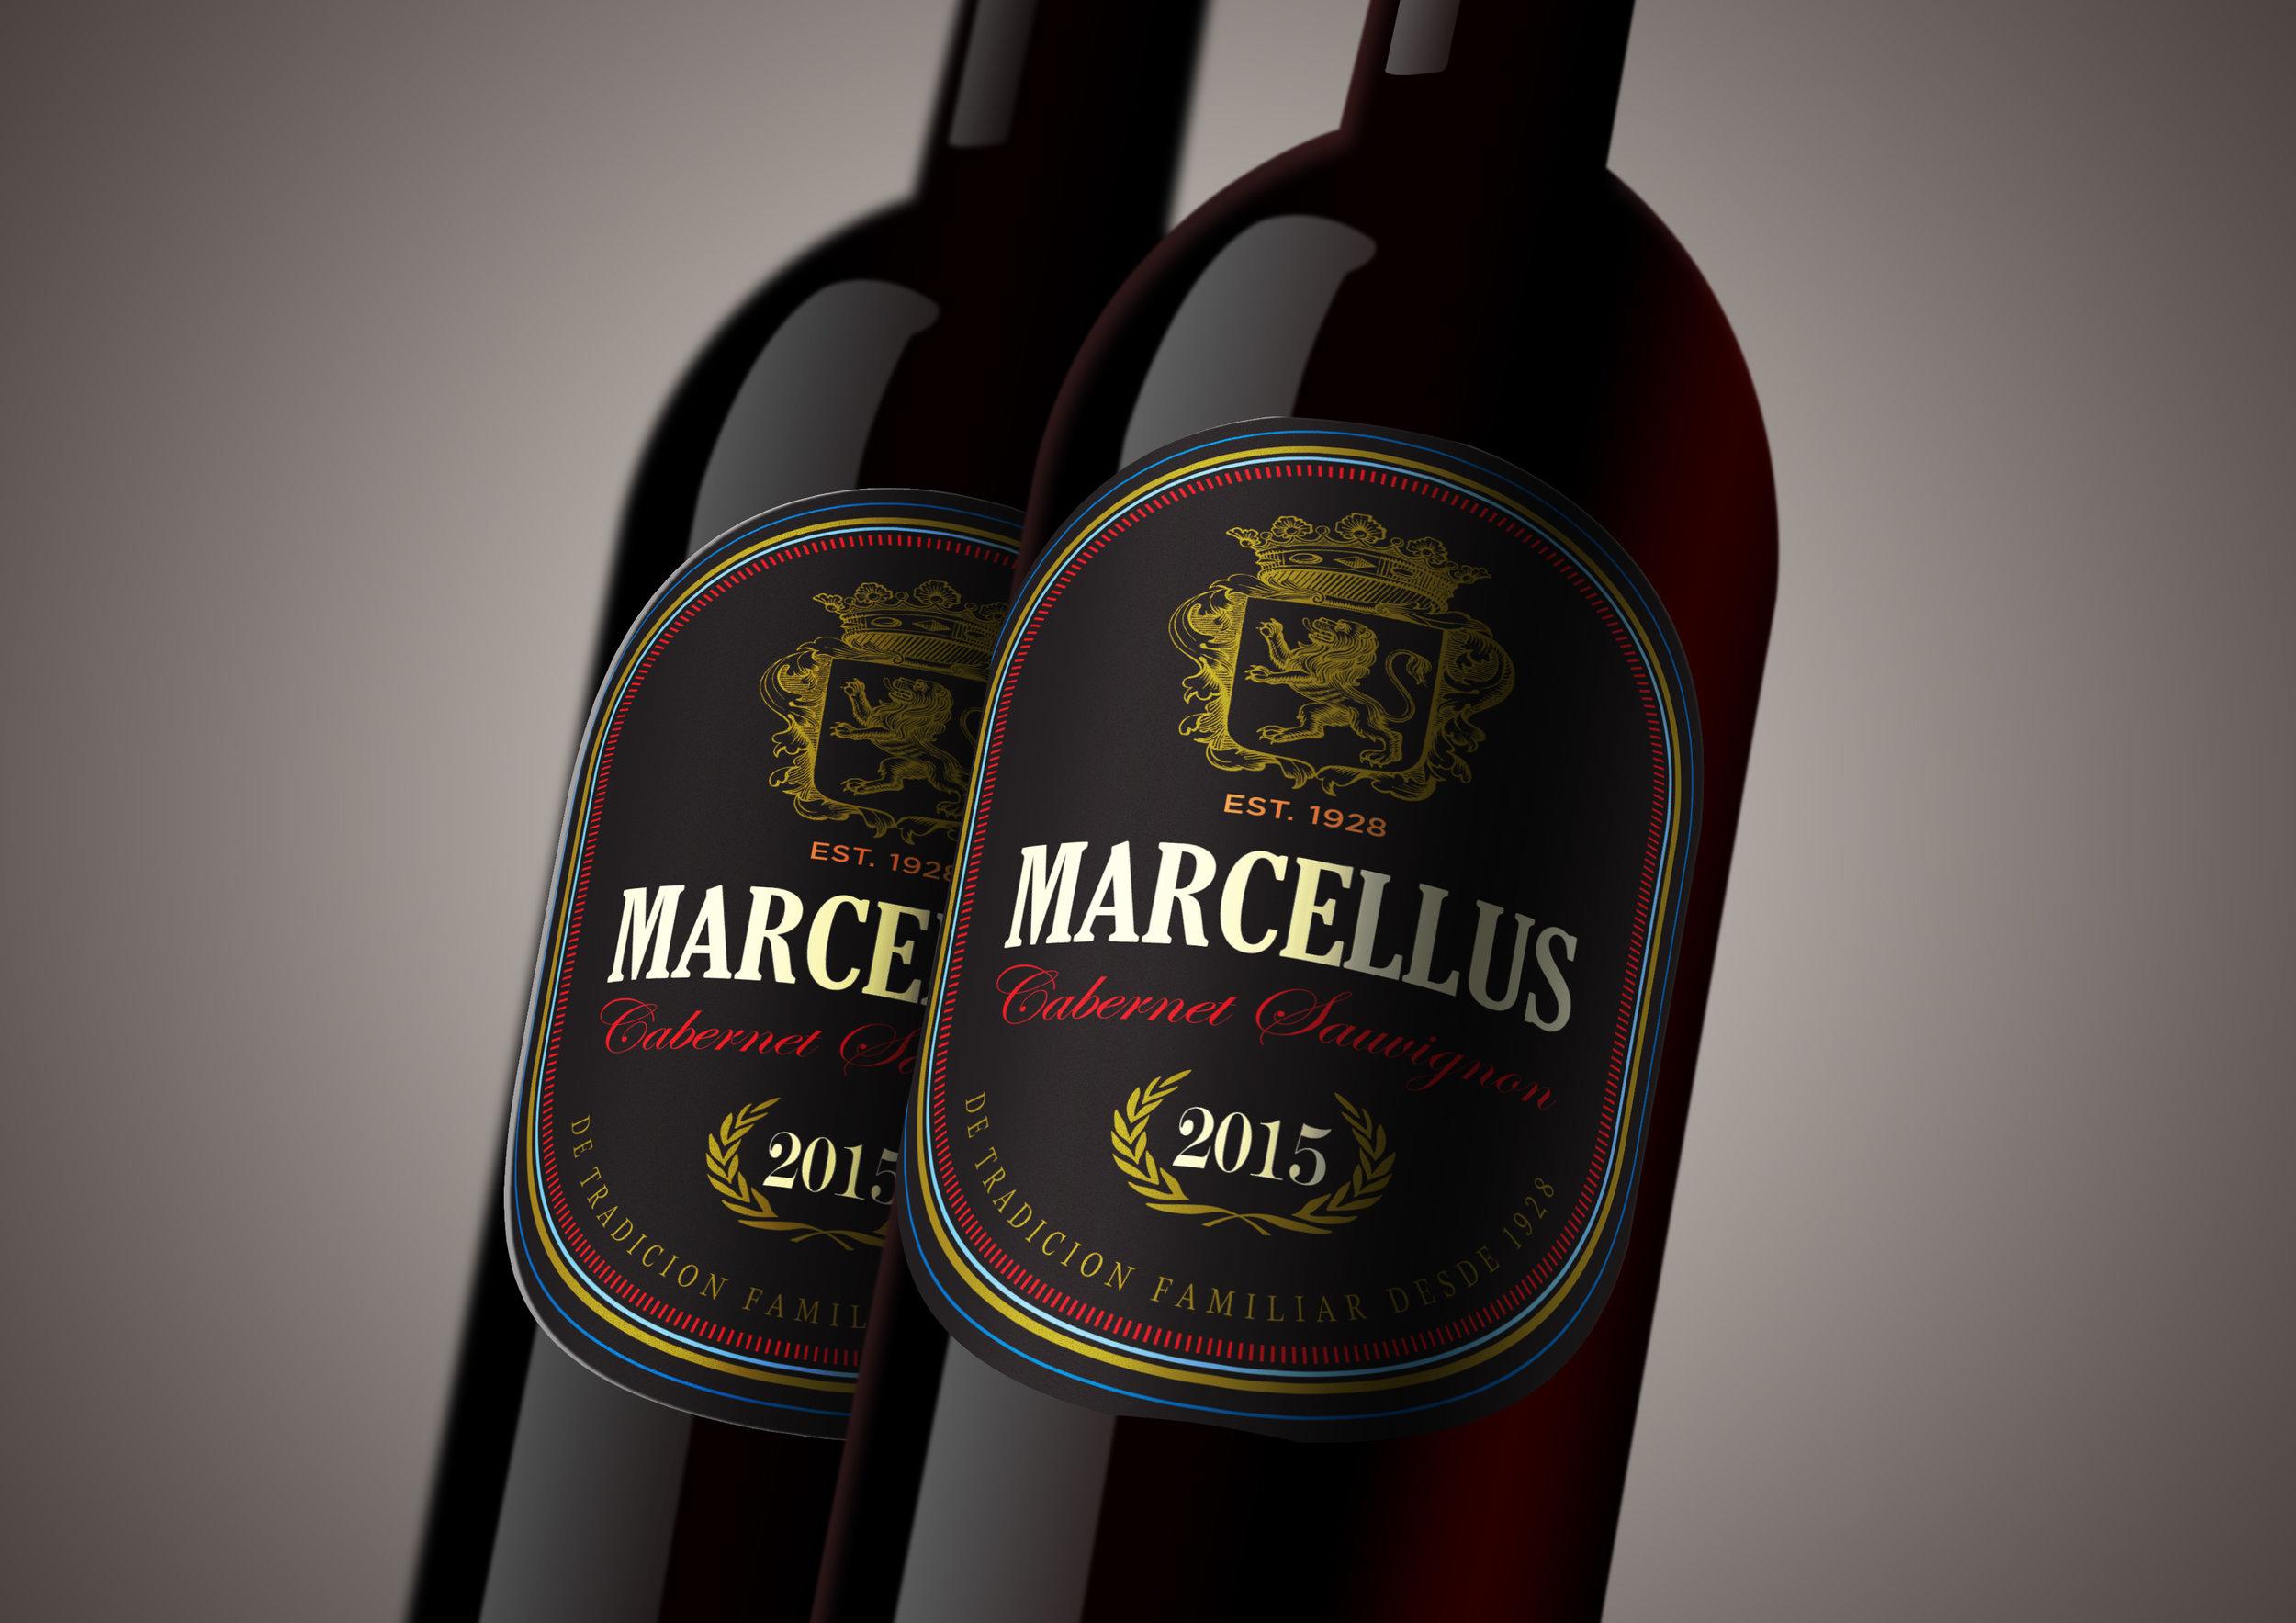 Marcellus 2 bottle shot.jpg